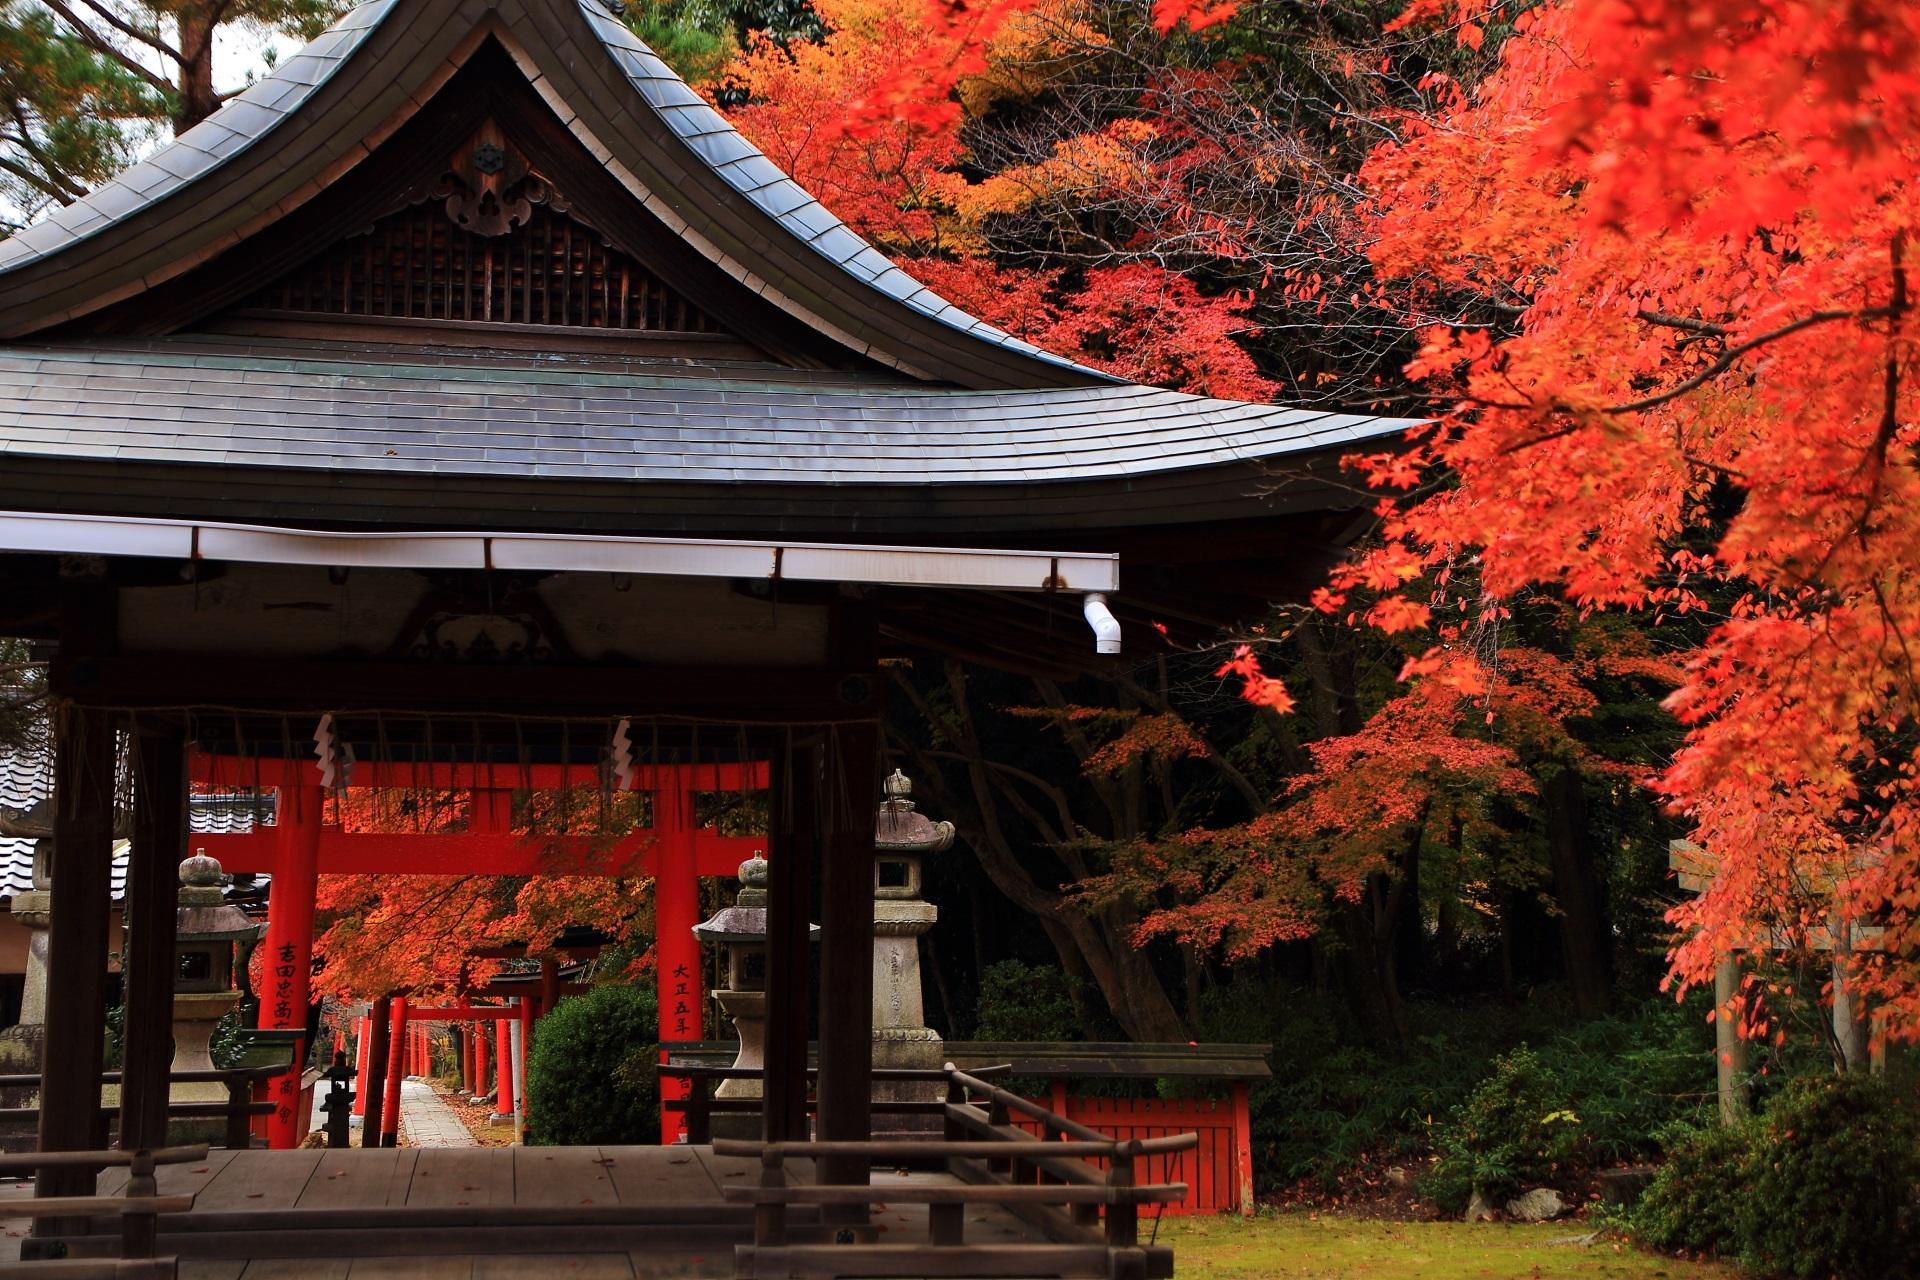 竹中稲荷神社の煌く秋色に染まった拝殿と長い鳥居の参道